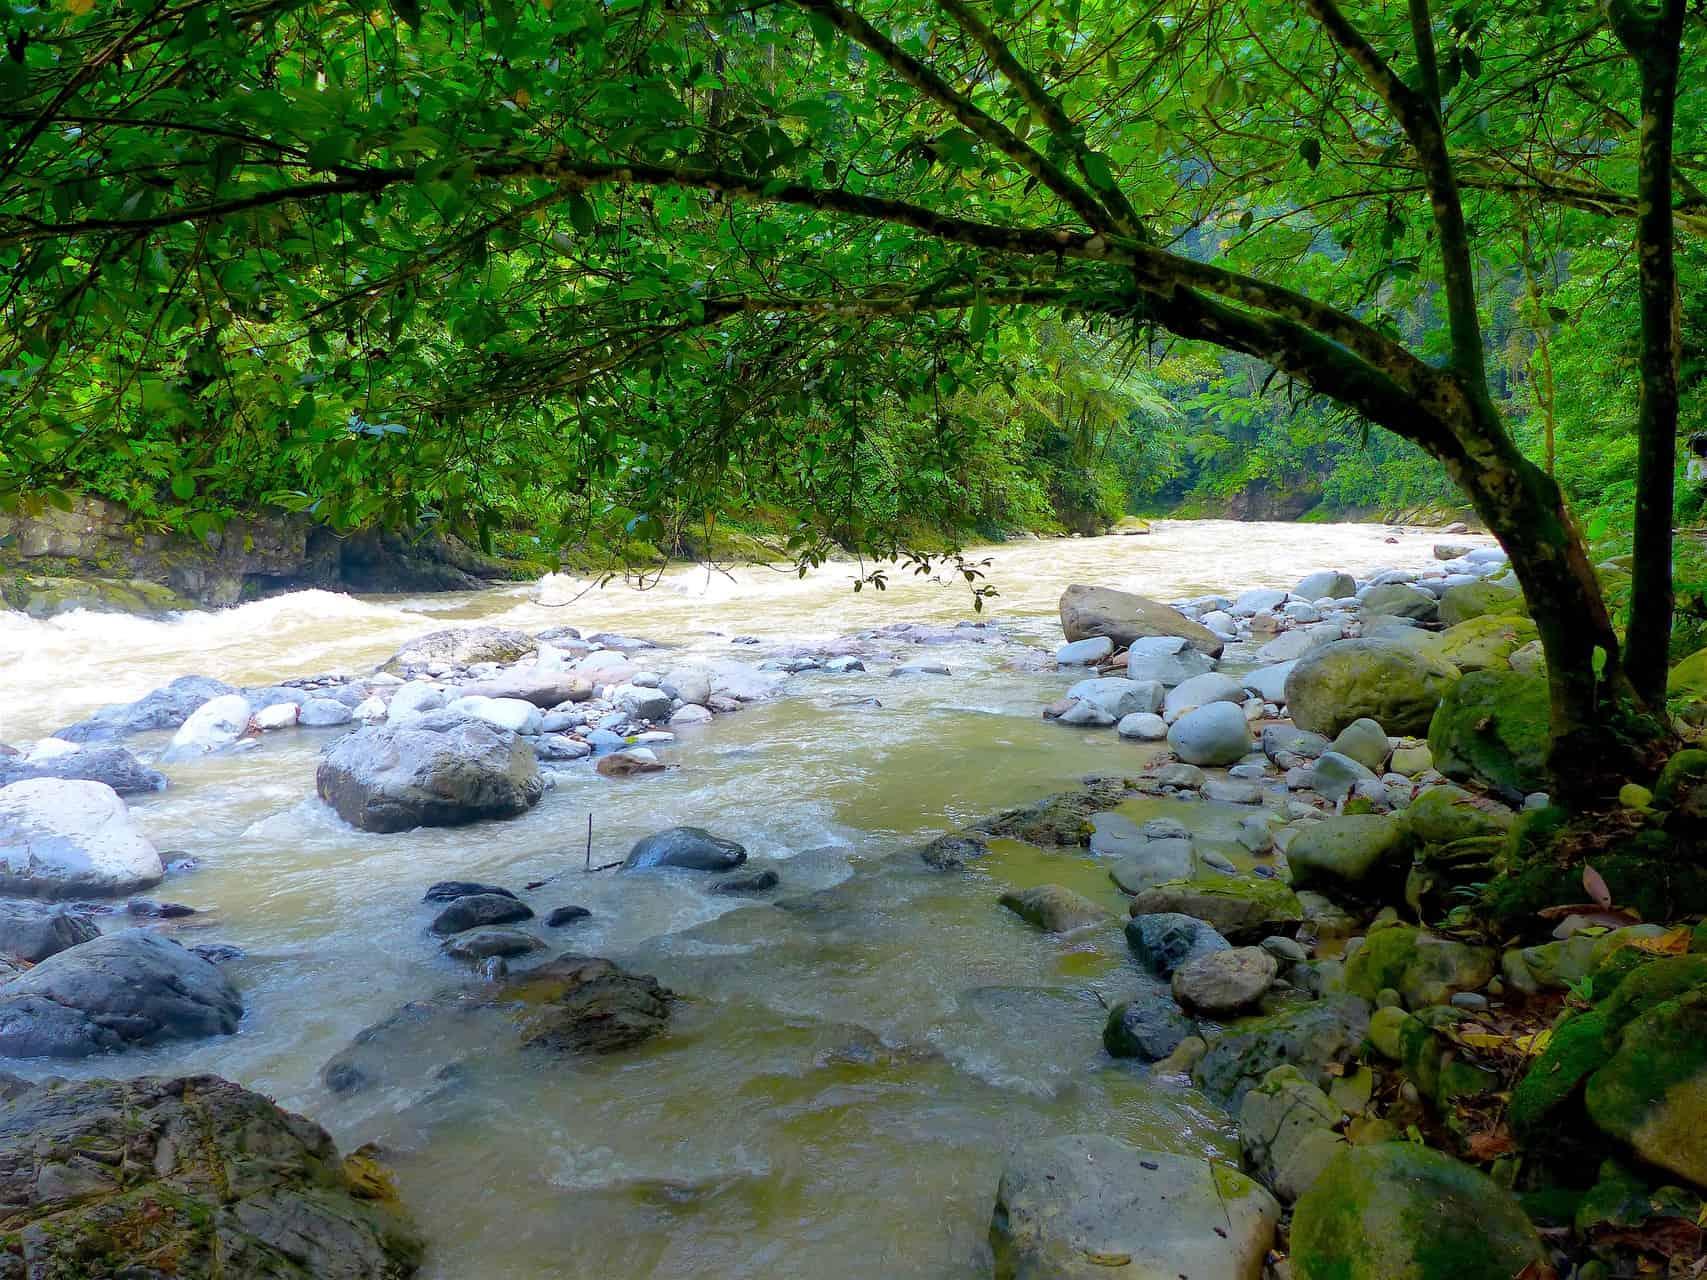 BOHOROK RIVER - JUNGLE TREKKING - BUKIT LAWANG - SUMATRA ECOTRAVEL